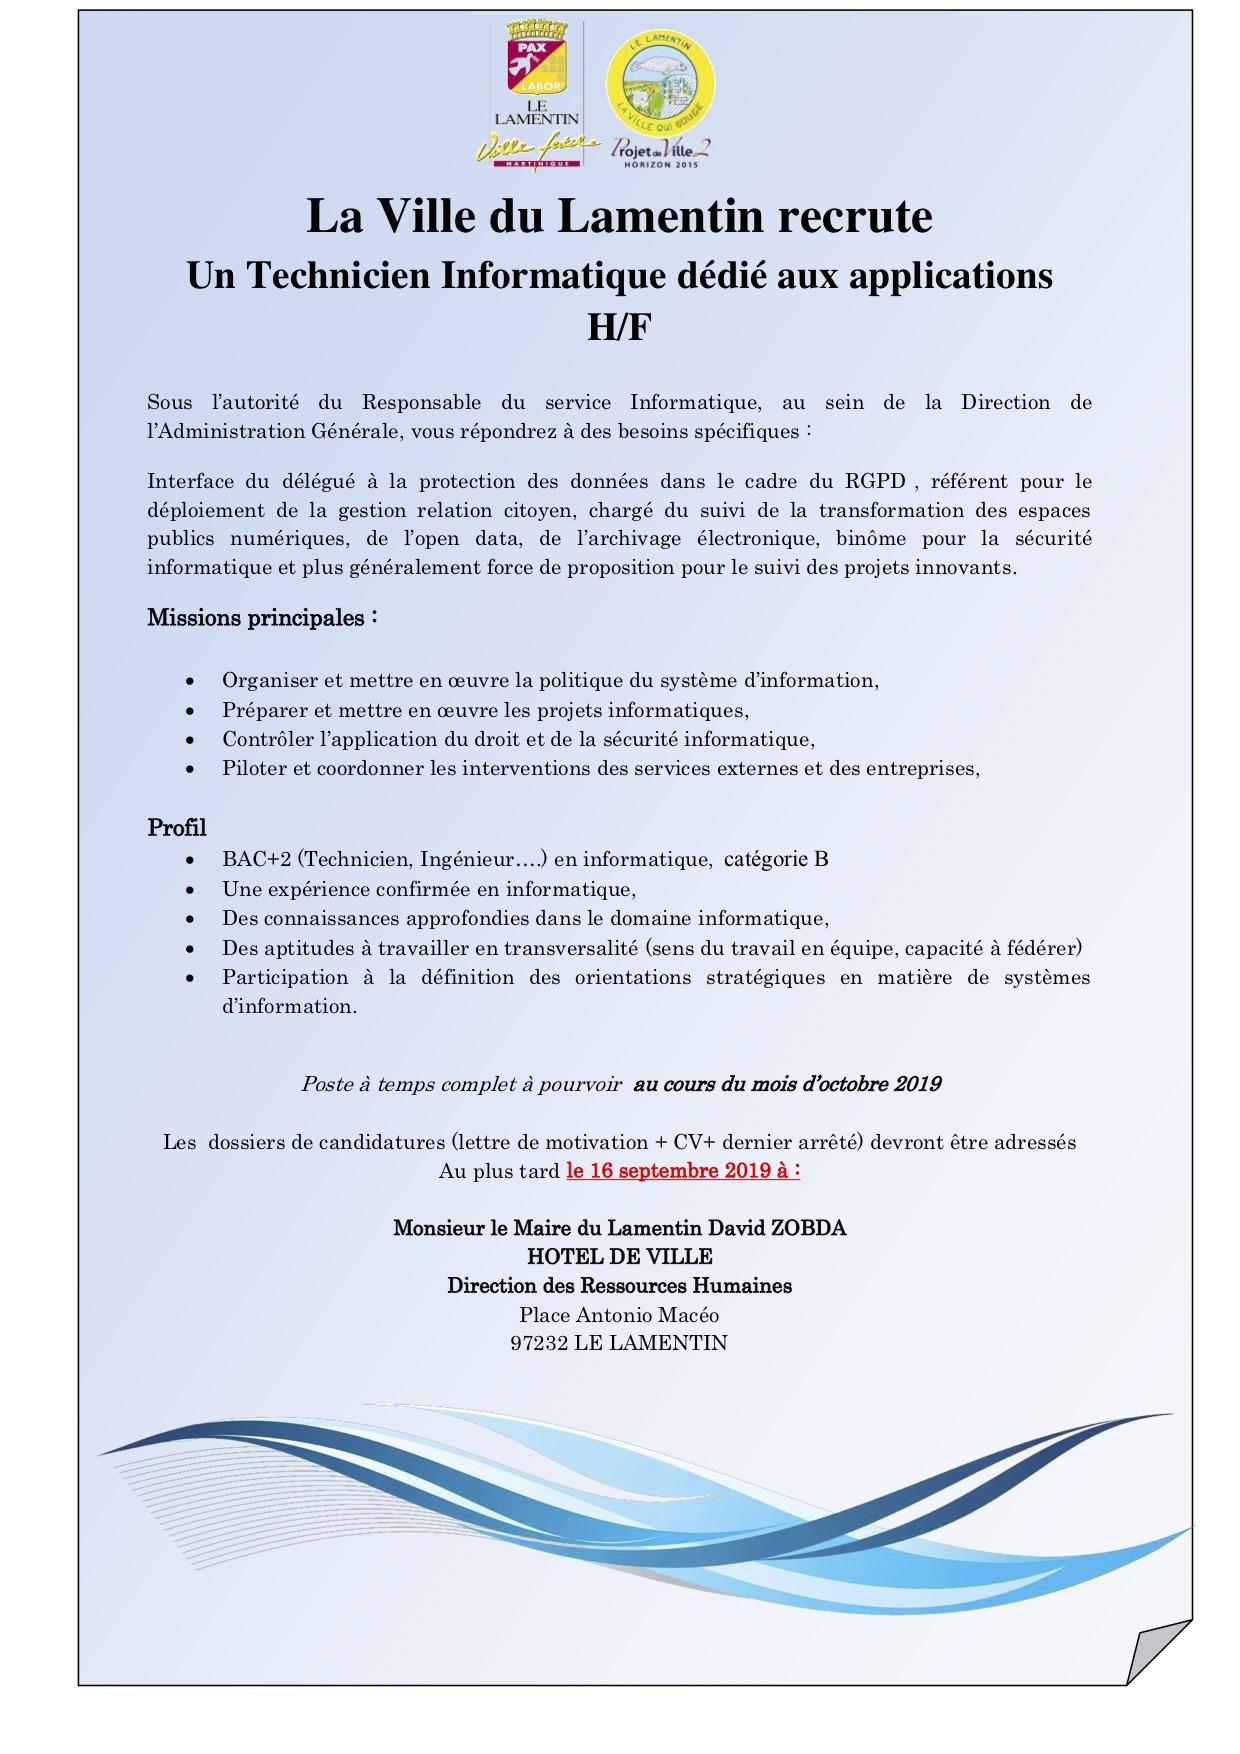 La Ville du Lamentin recrute Un Technicien Informatique dédié aux applications H/F